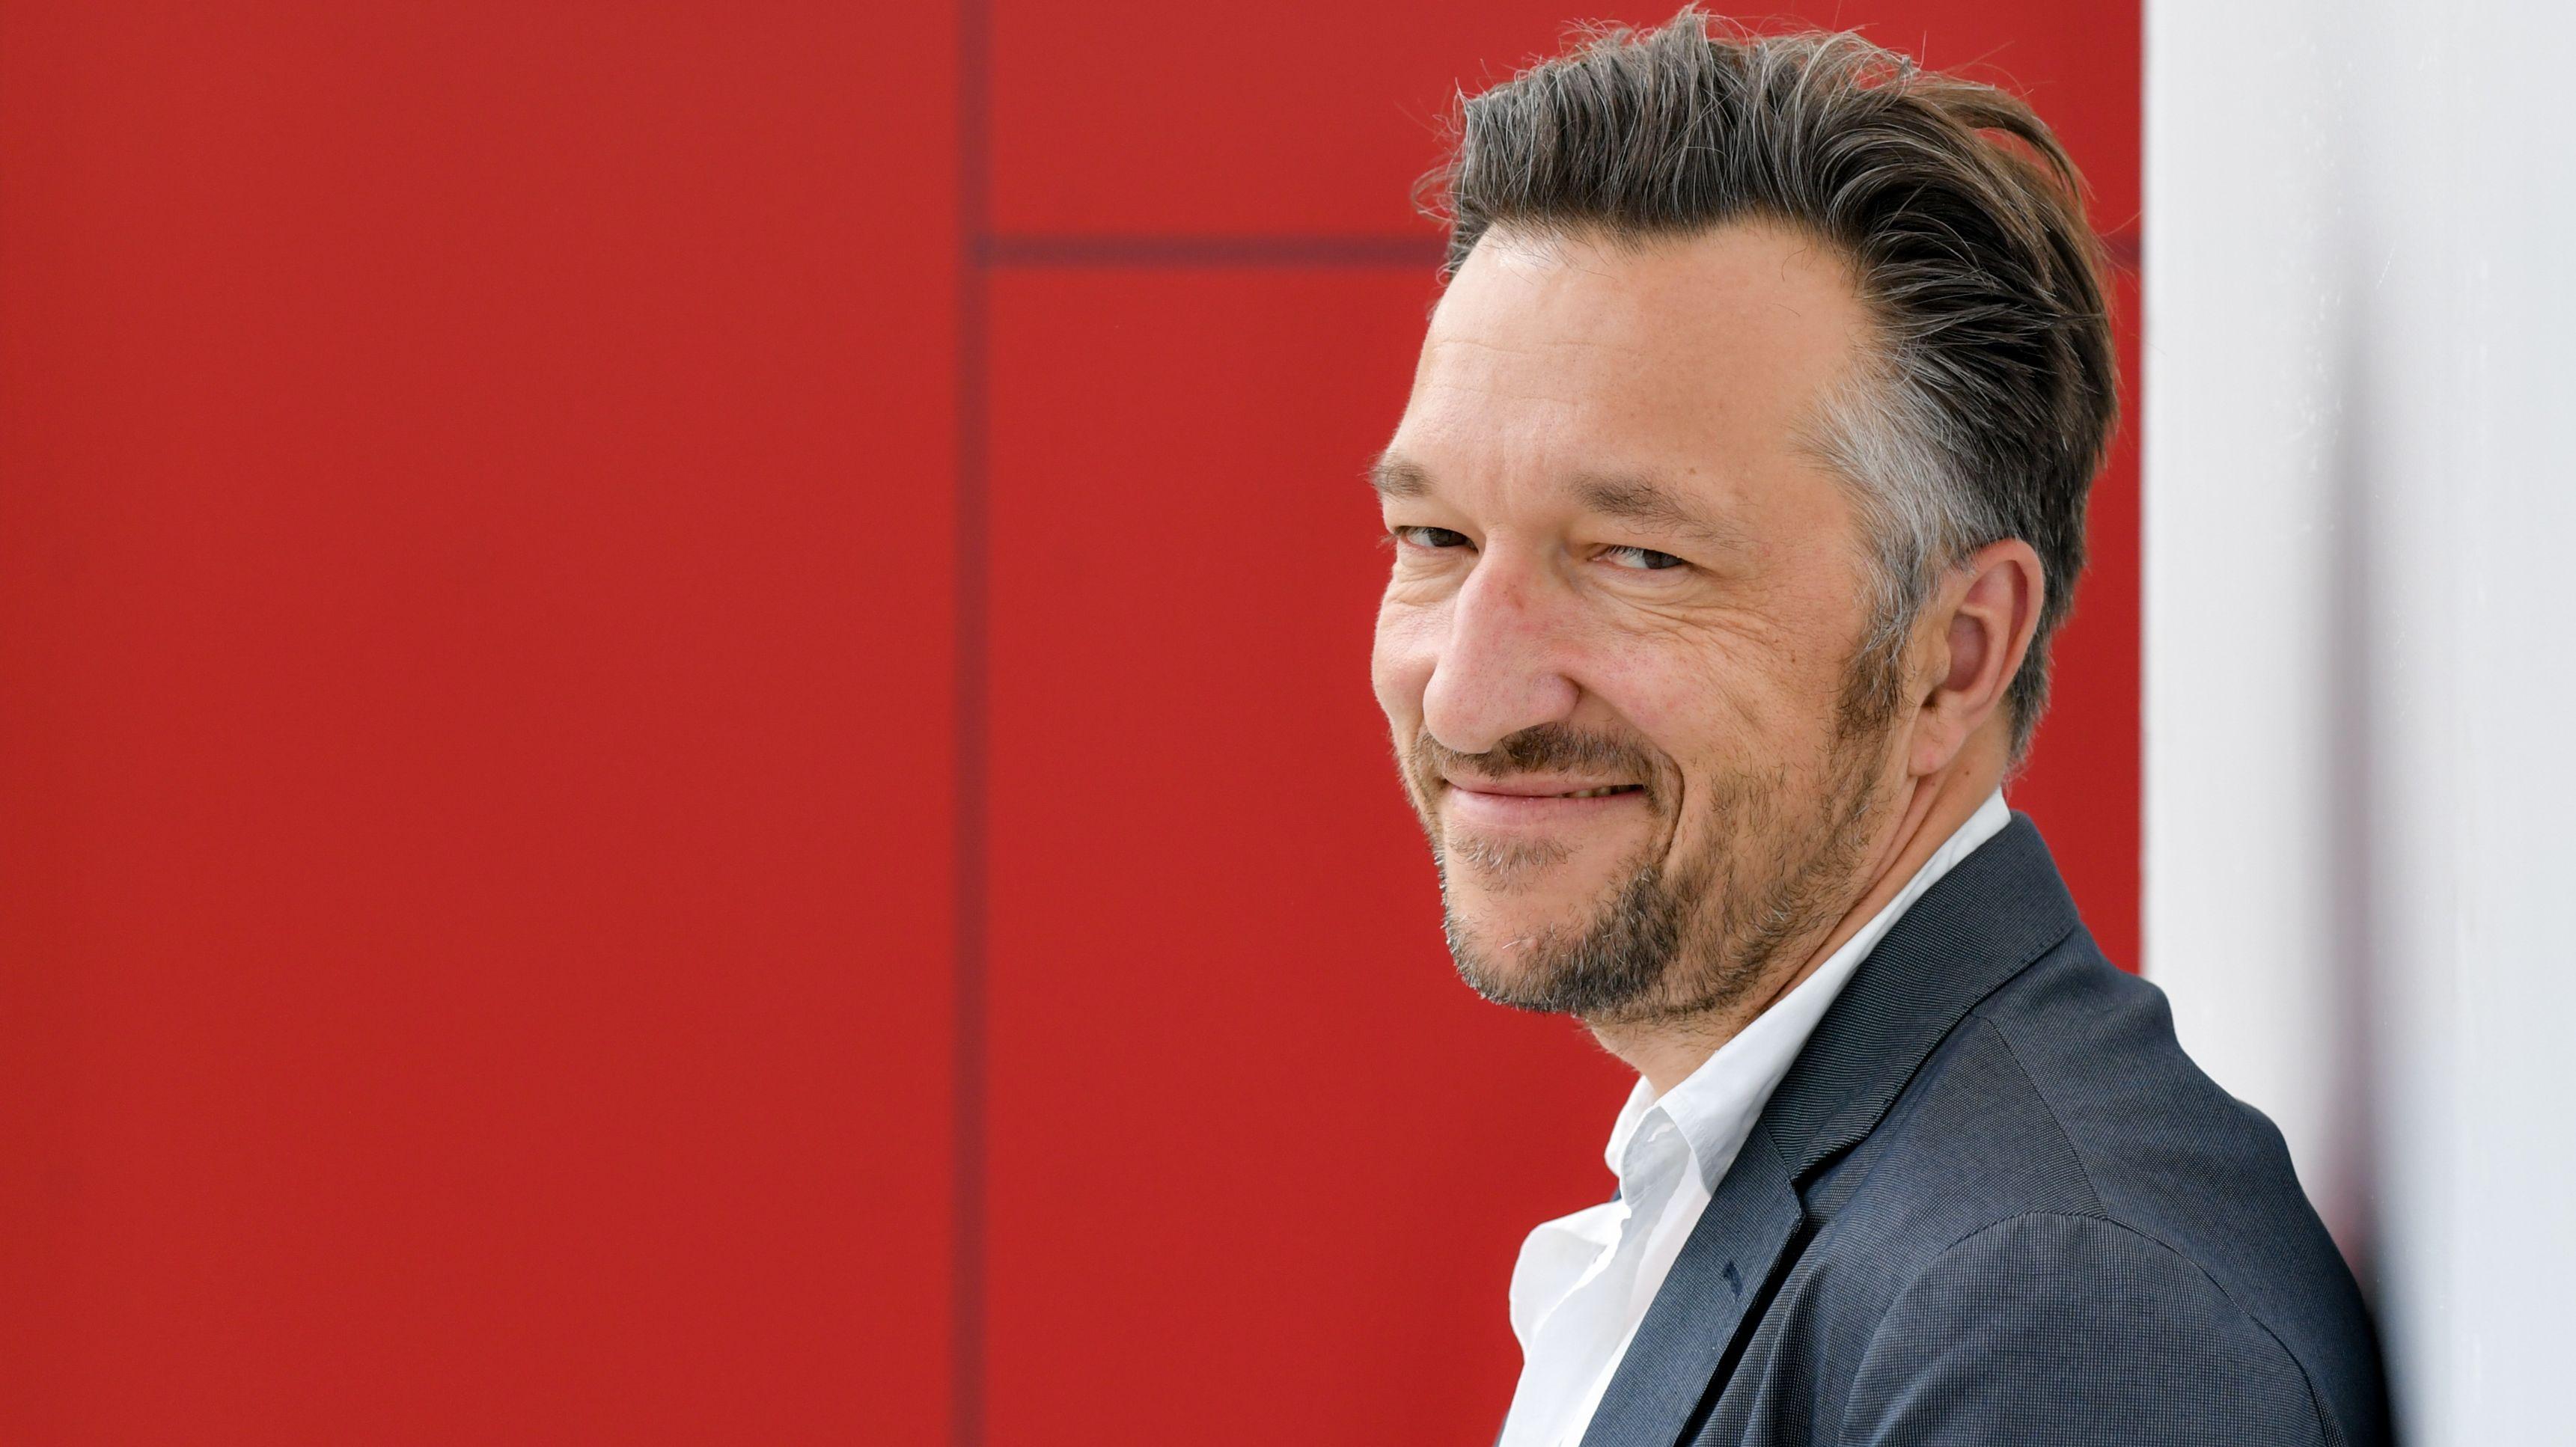 Lukas Bärfuss 2019 auf der Frankfurter Buchmesse